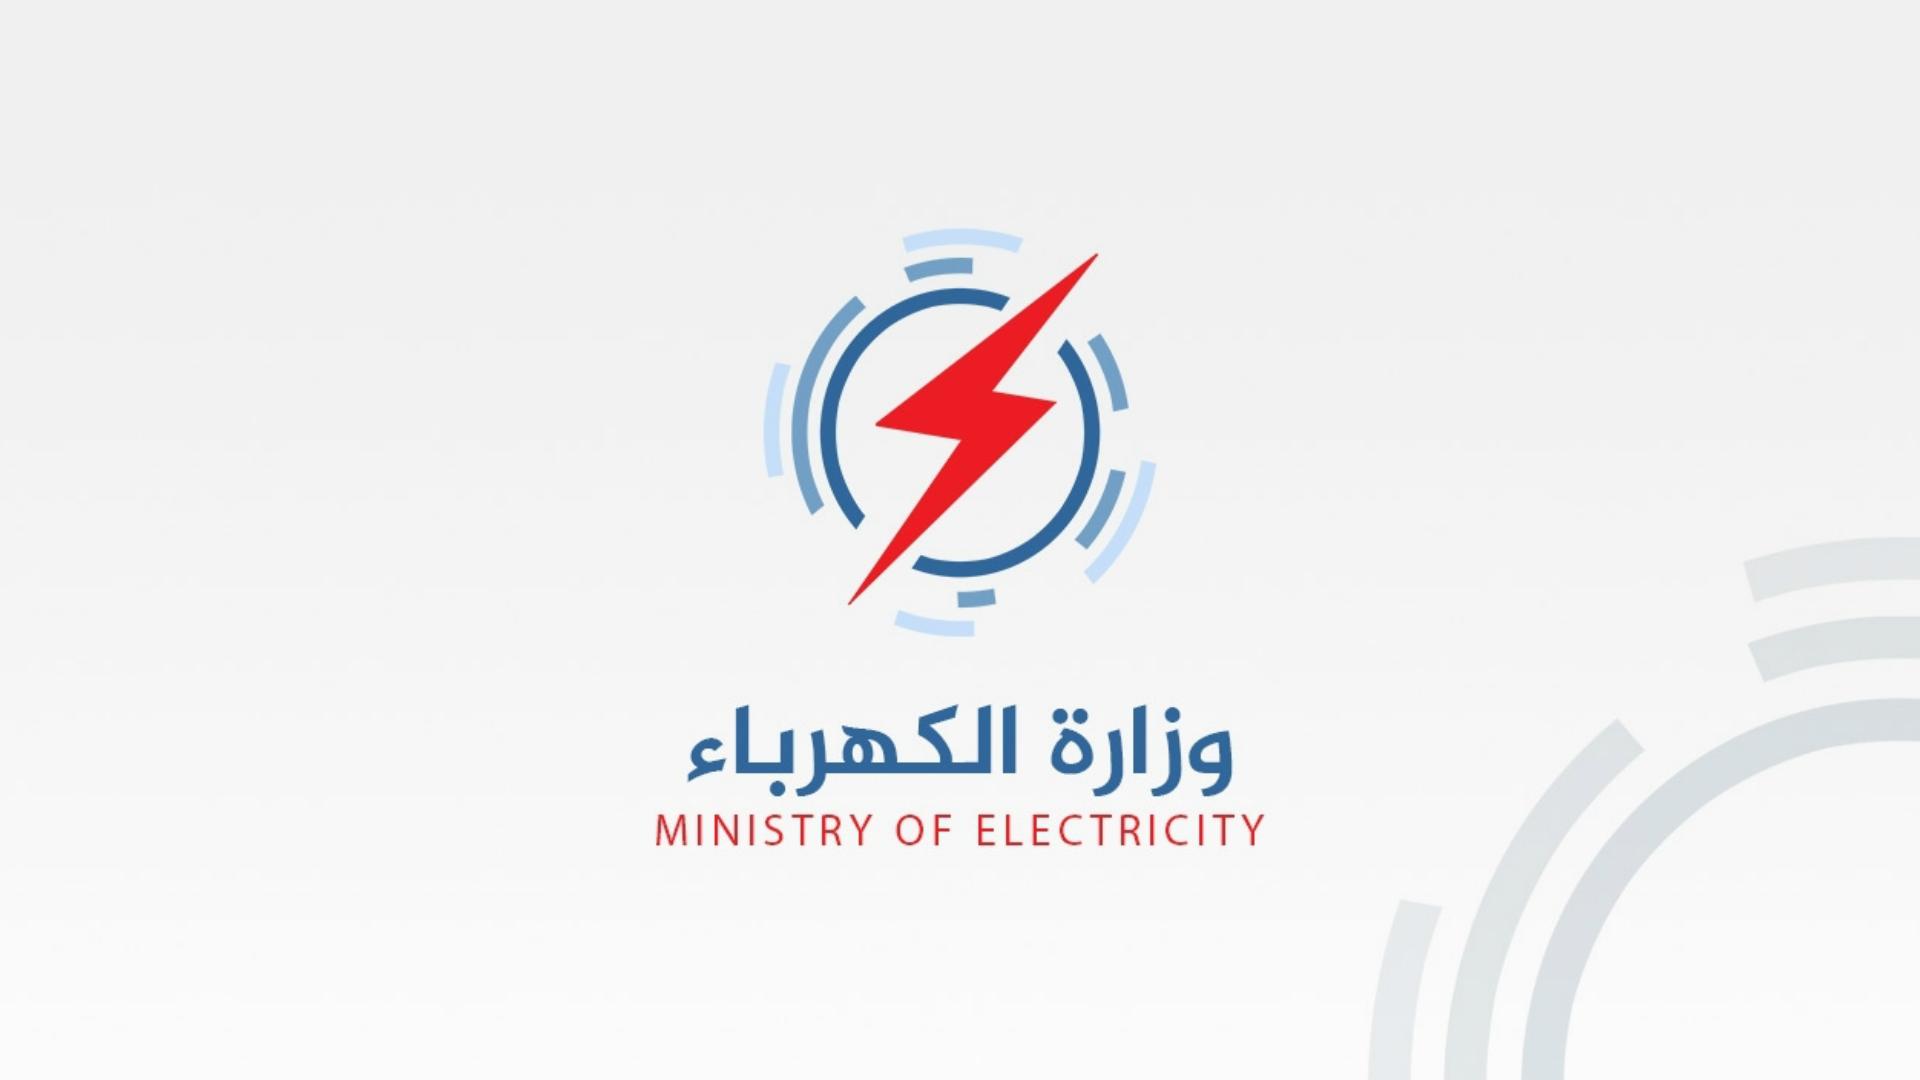 توقيع اتفاقية بين العراق والأردن في مجال الكهرباء